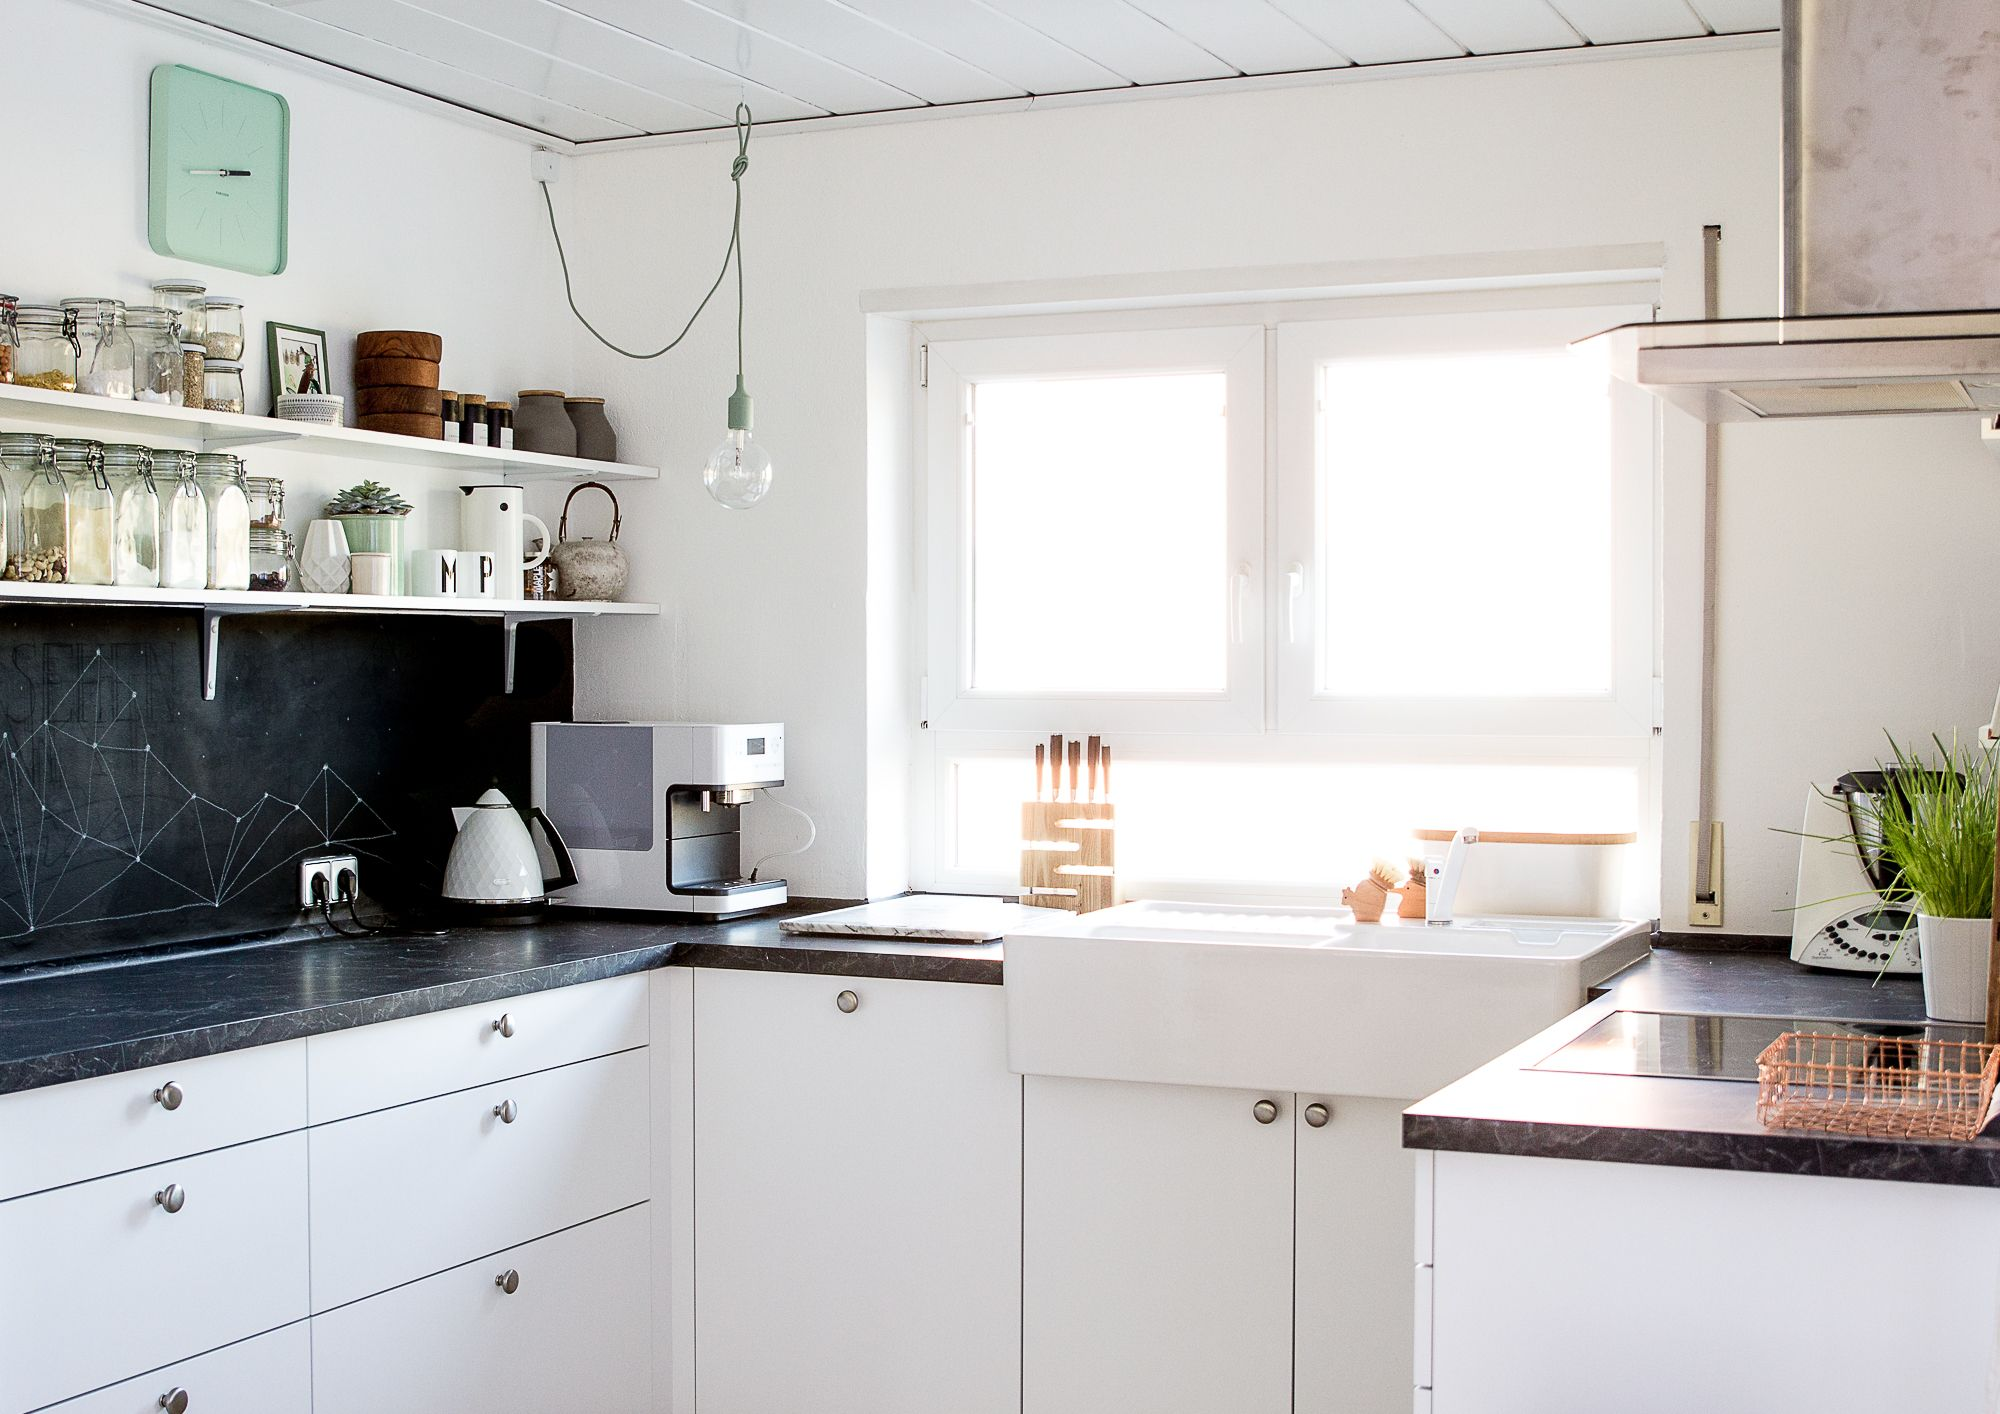 Charmant Küche Renovieren Gold Coast Fotos - Ideen Für Die Küche ...